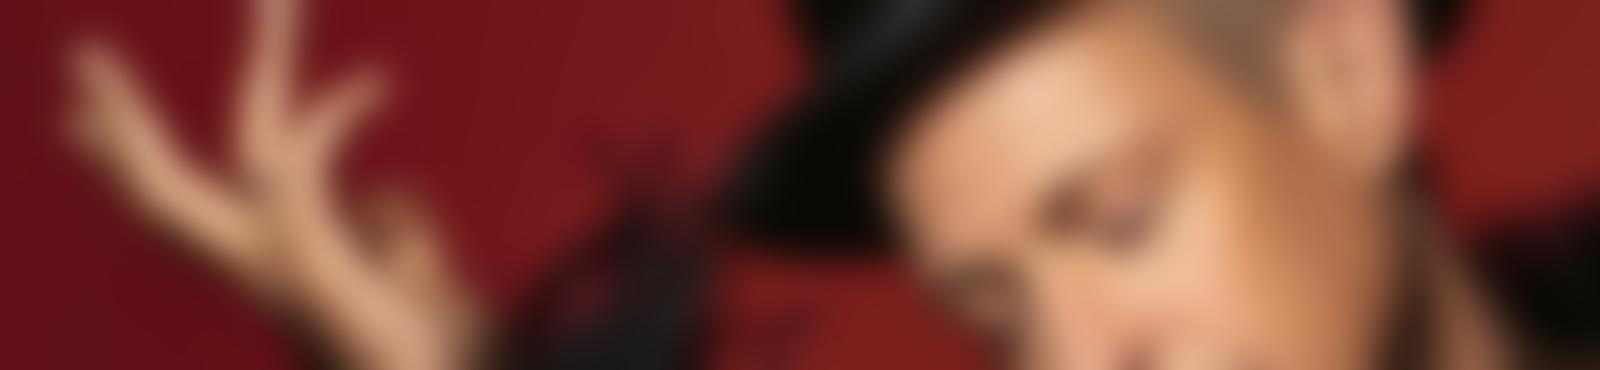 Blurred 77d5d39b 823b 416b bed4 8170bbc04153